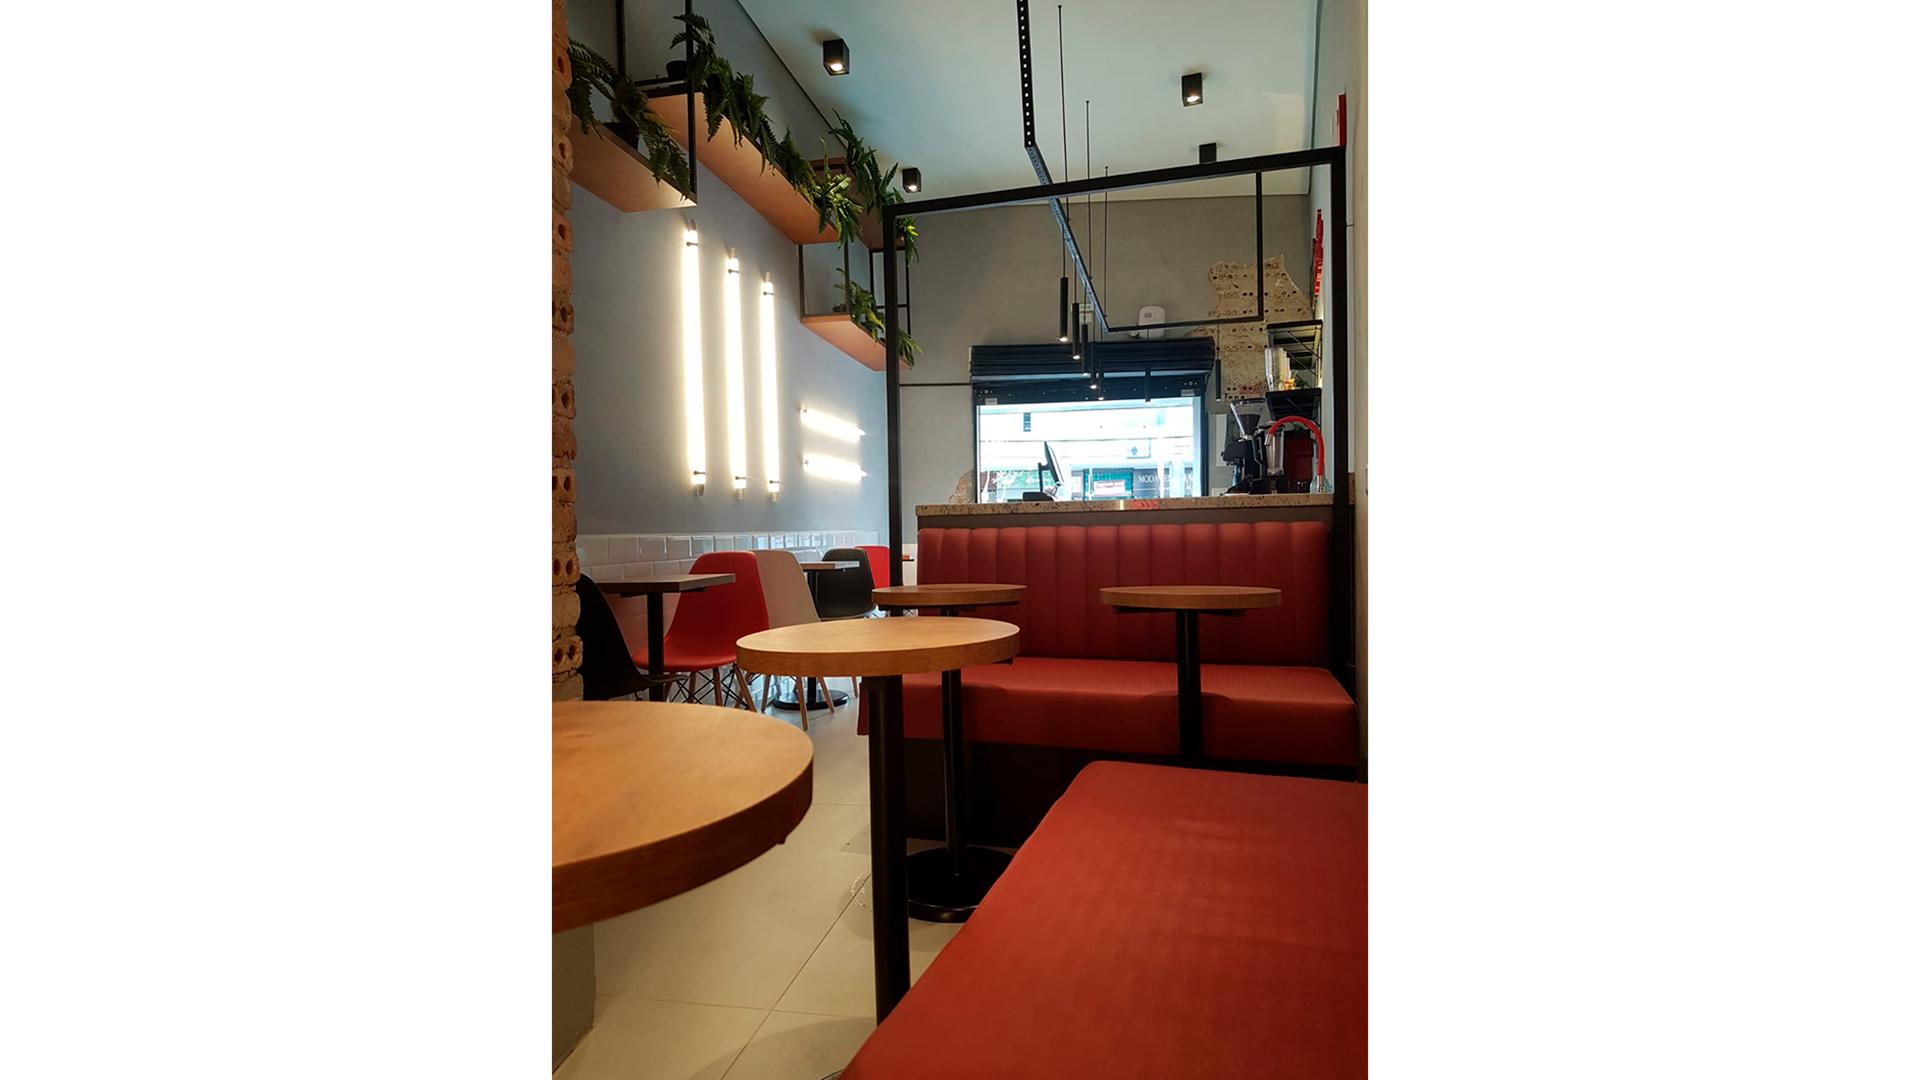 Espaço It's Coffee assinado pelo arquiteto Givago Ferentz